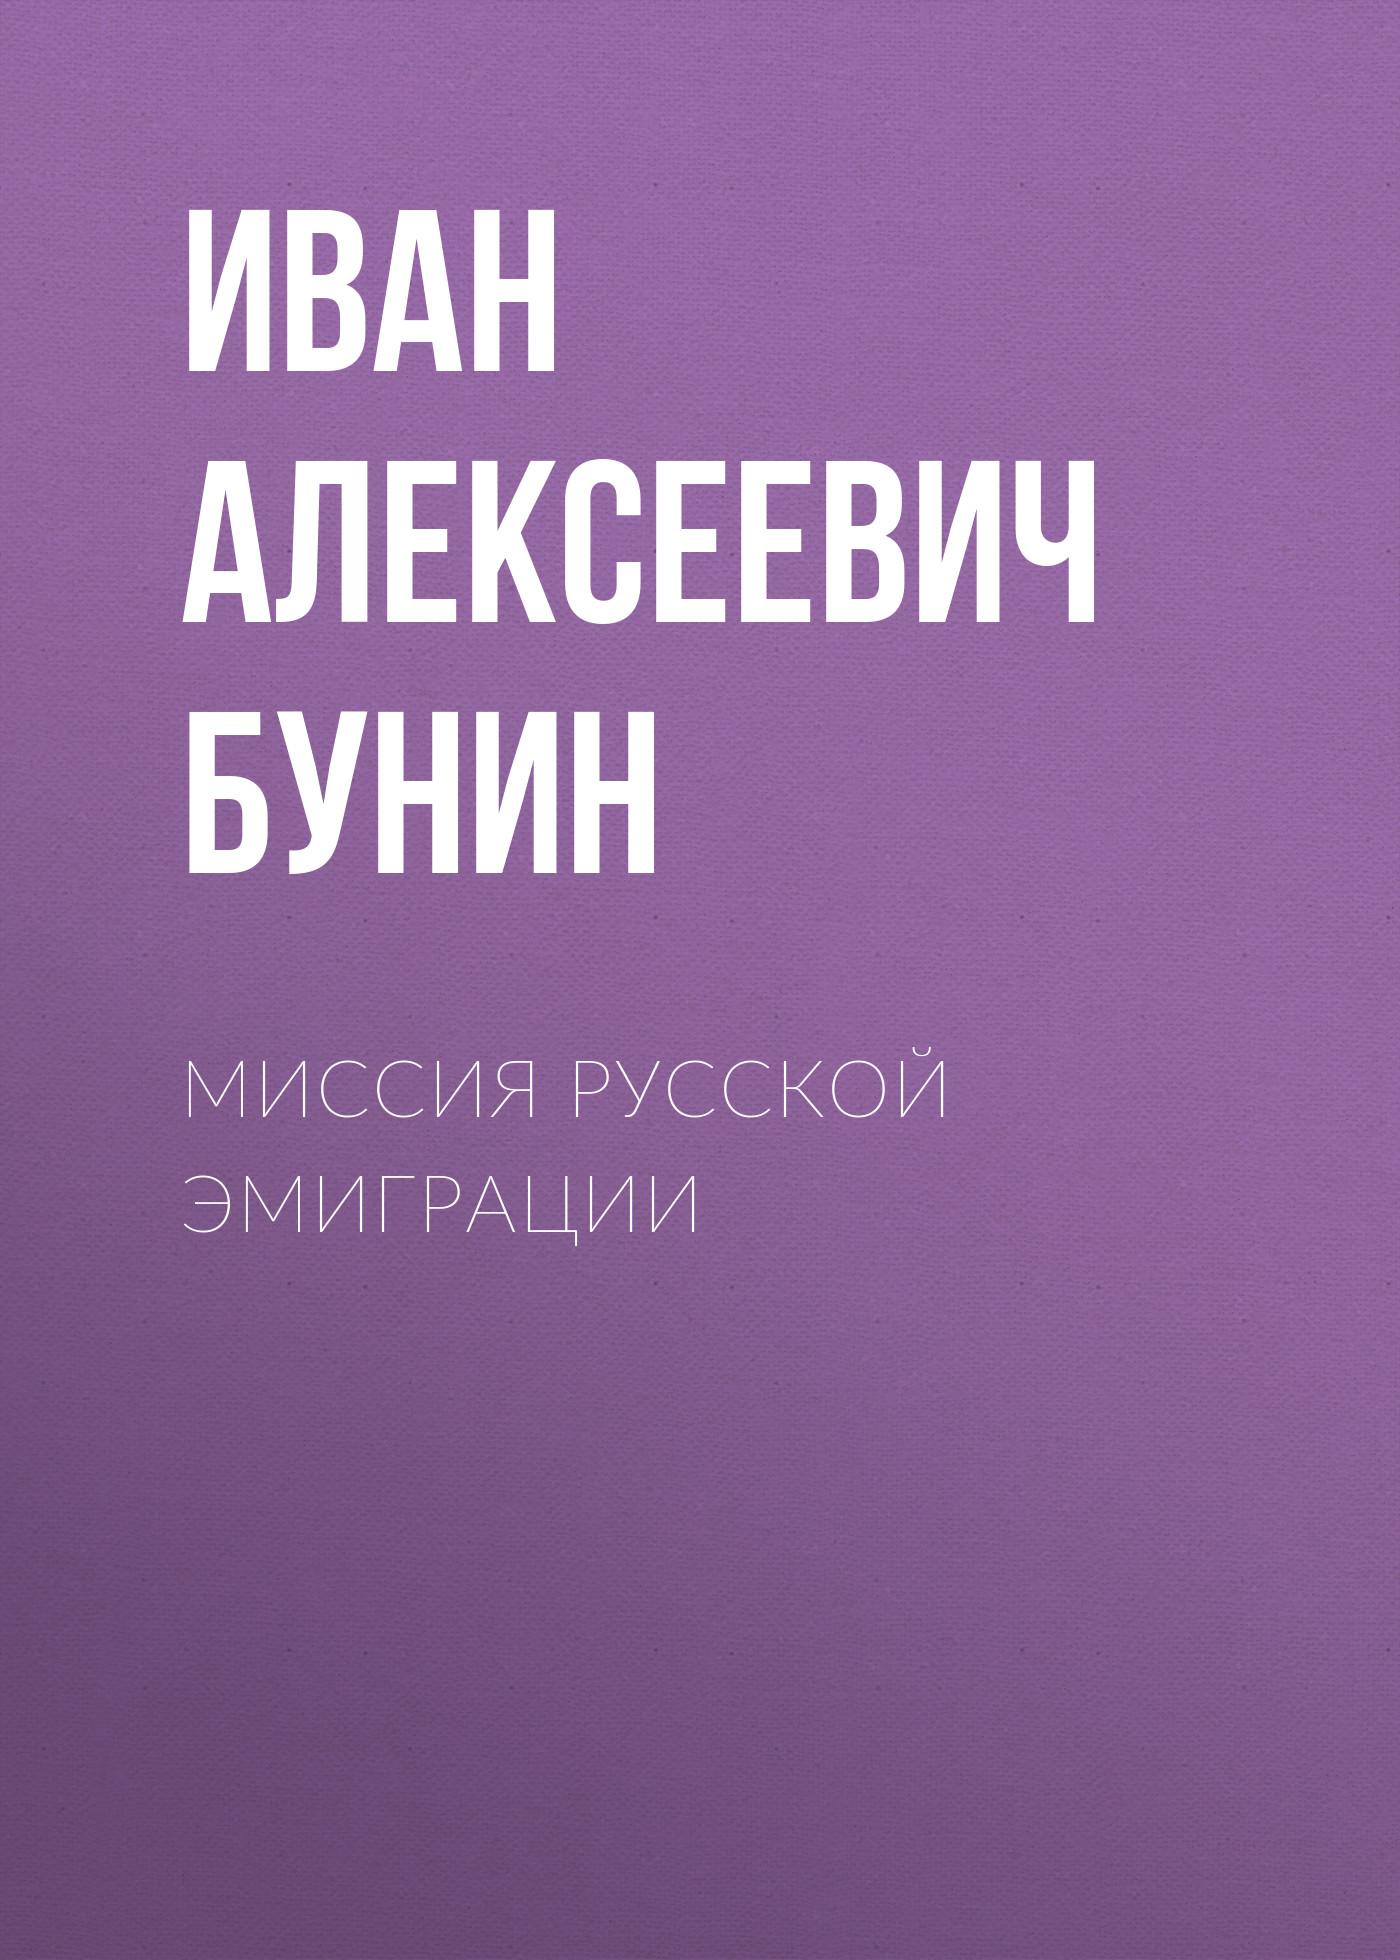 missiya russkoy emigratsii